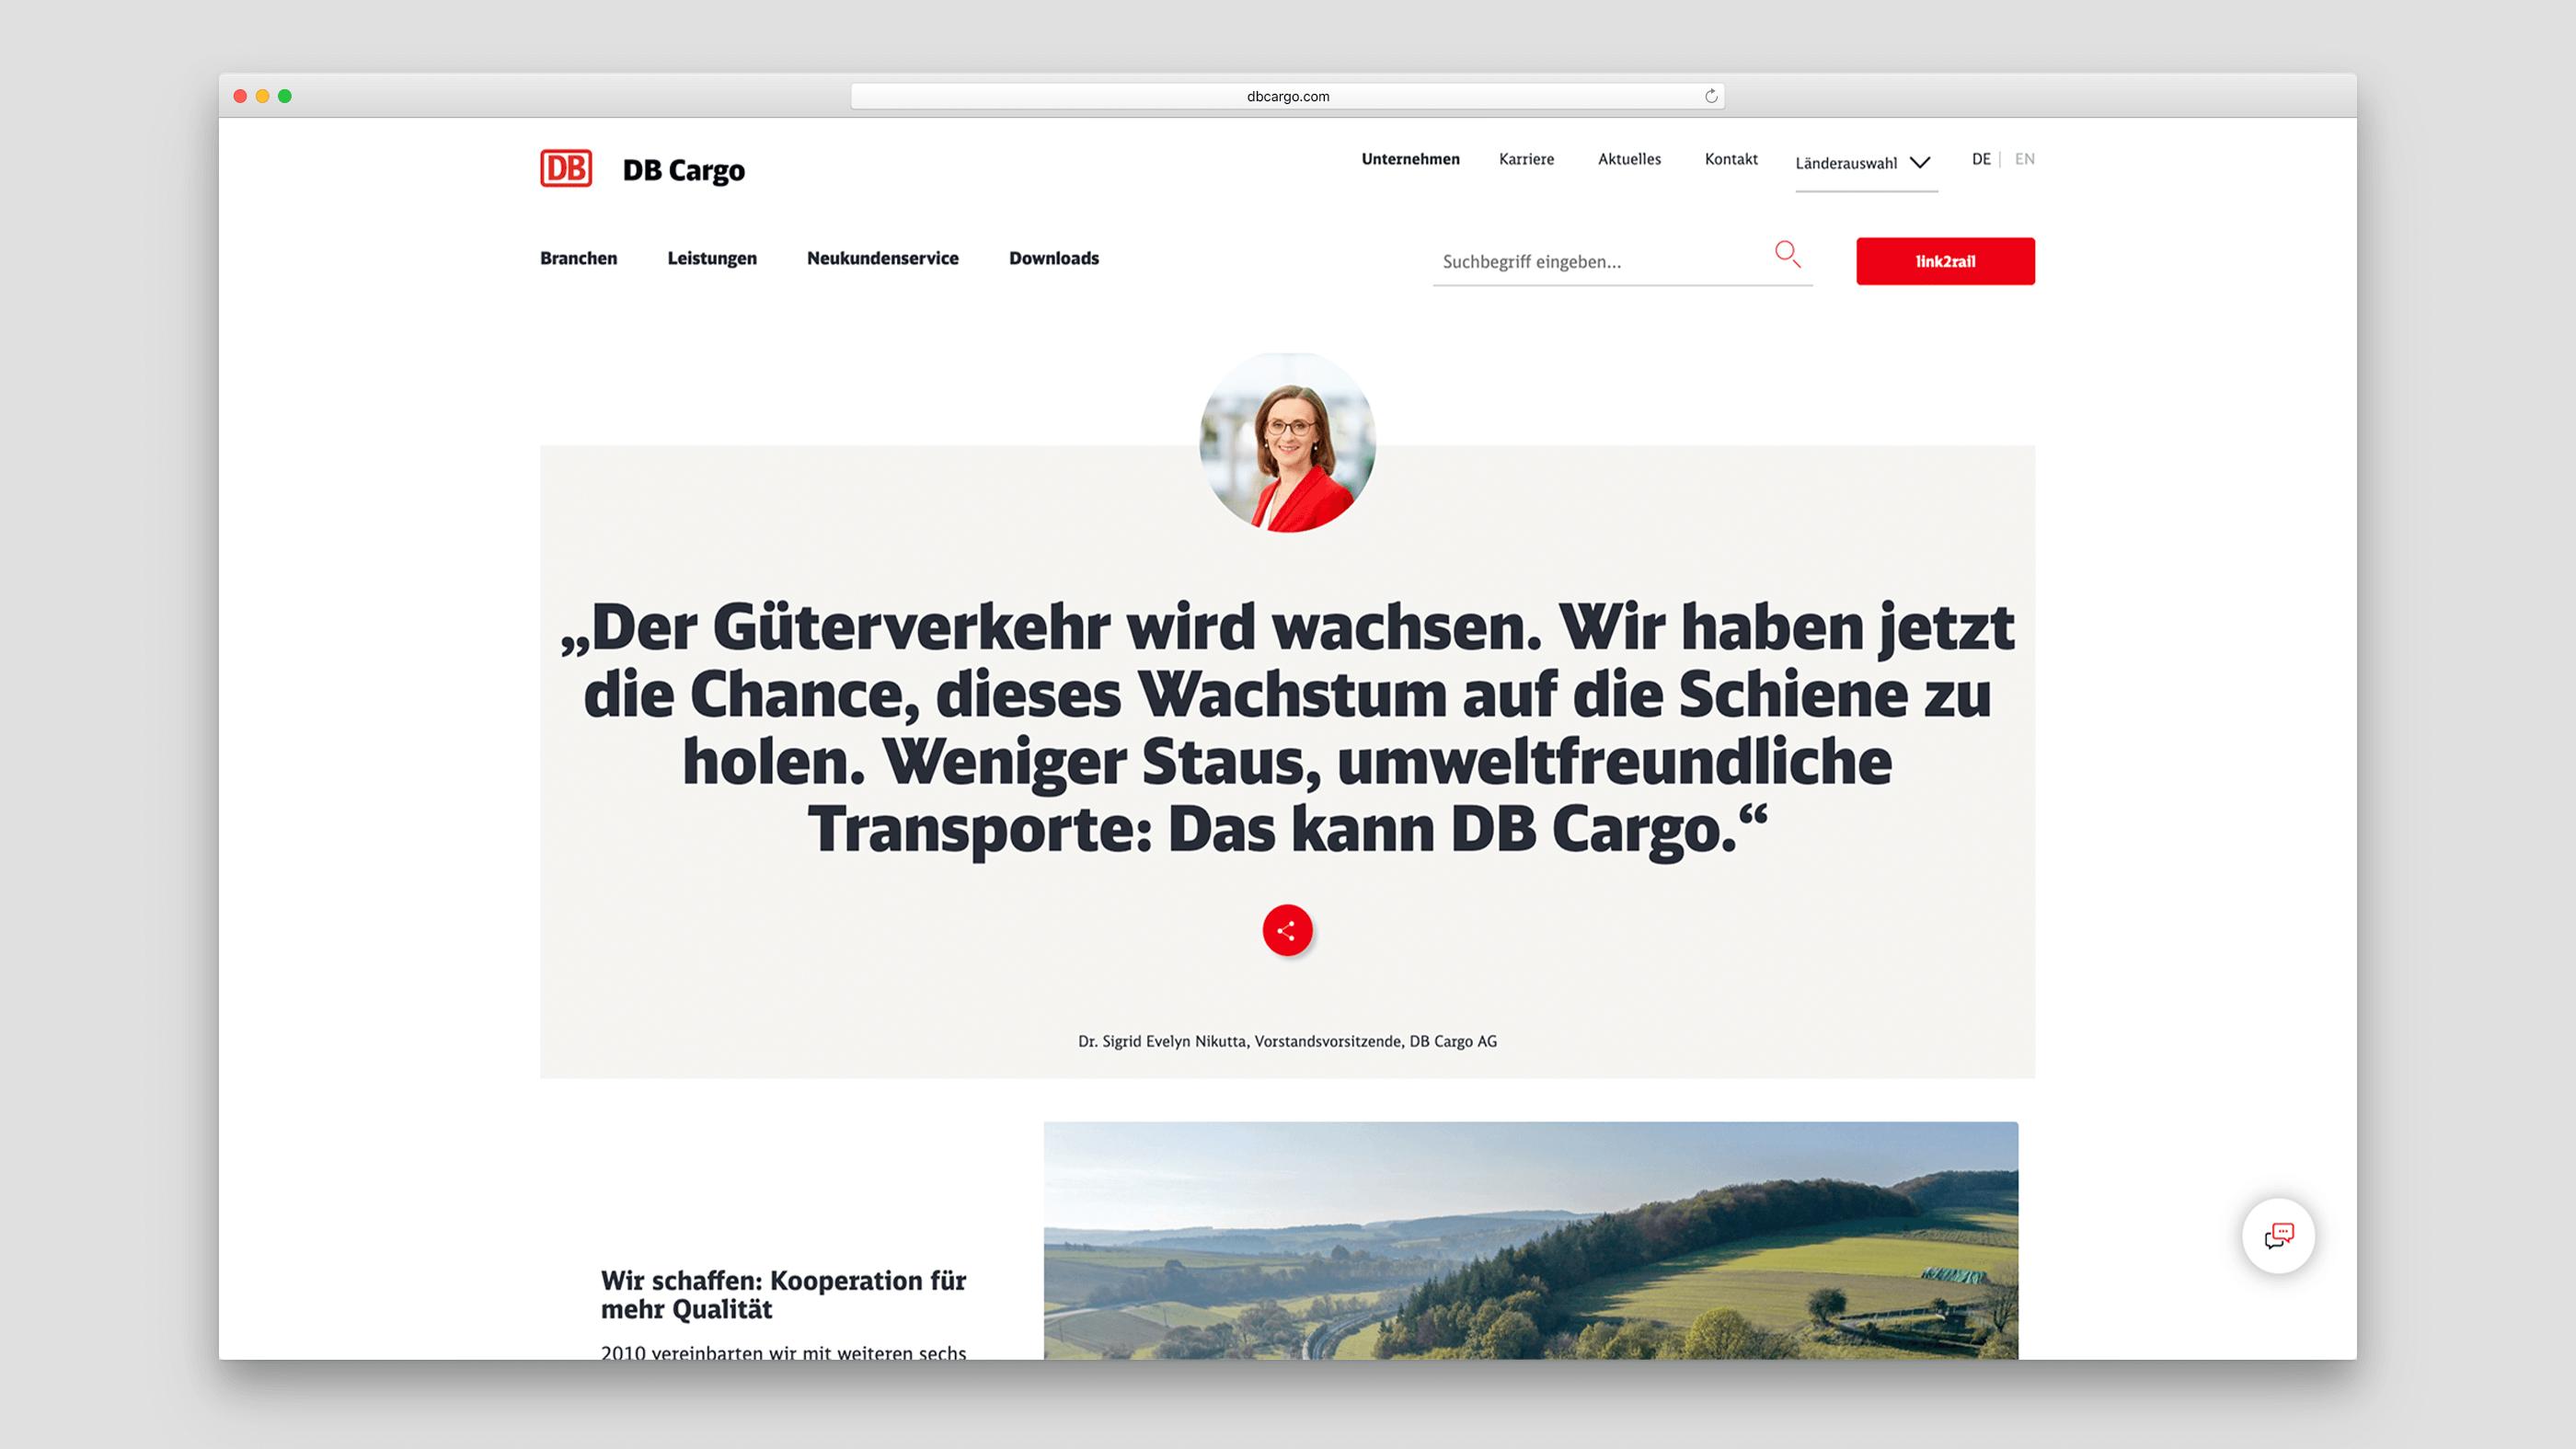 Zitat und Bild der DB Cargo Vorstandsvorsitzenden Dr. Sigrid Evelyn Nikutta